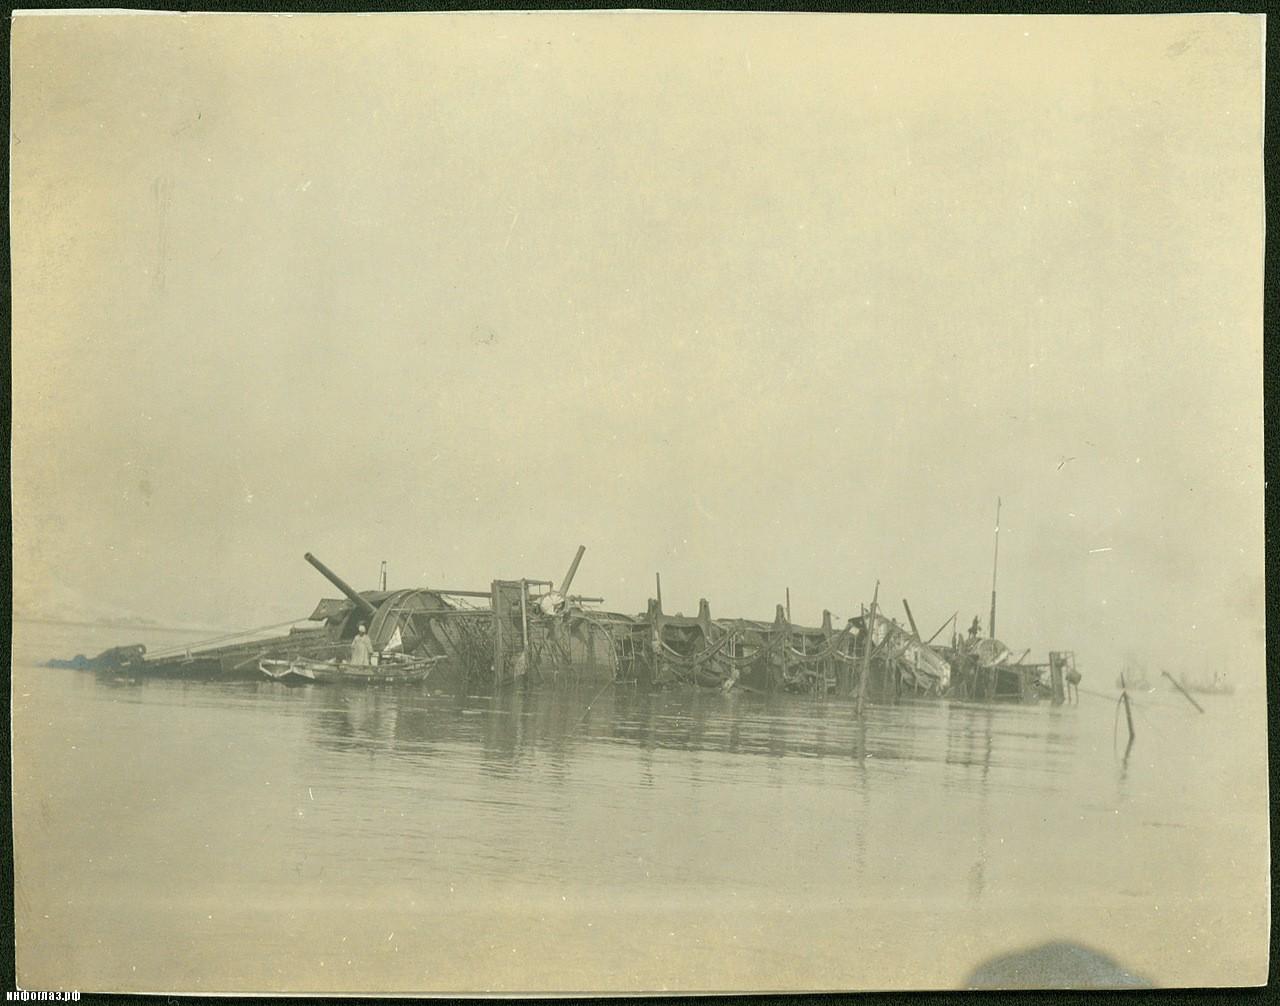 подьем останков крейсера варяг около шотландии качественное термобелье